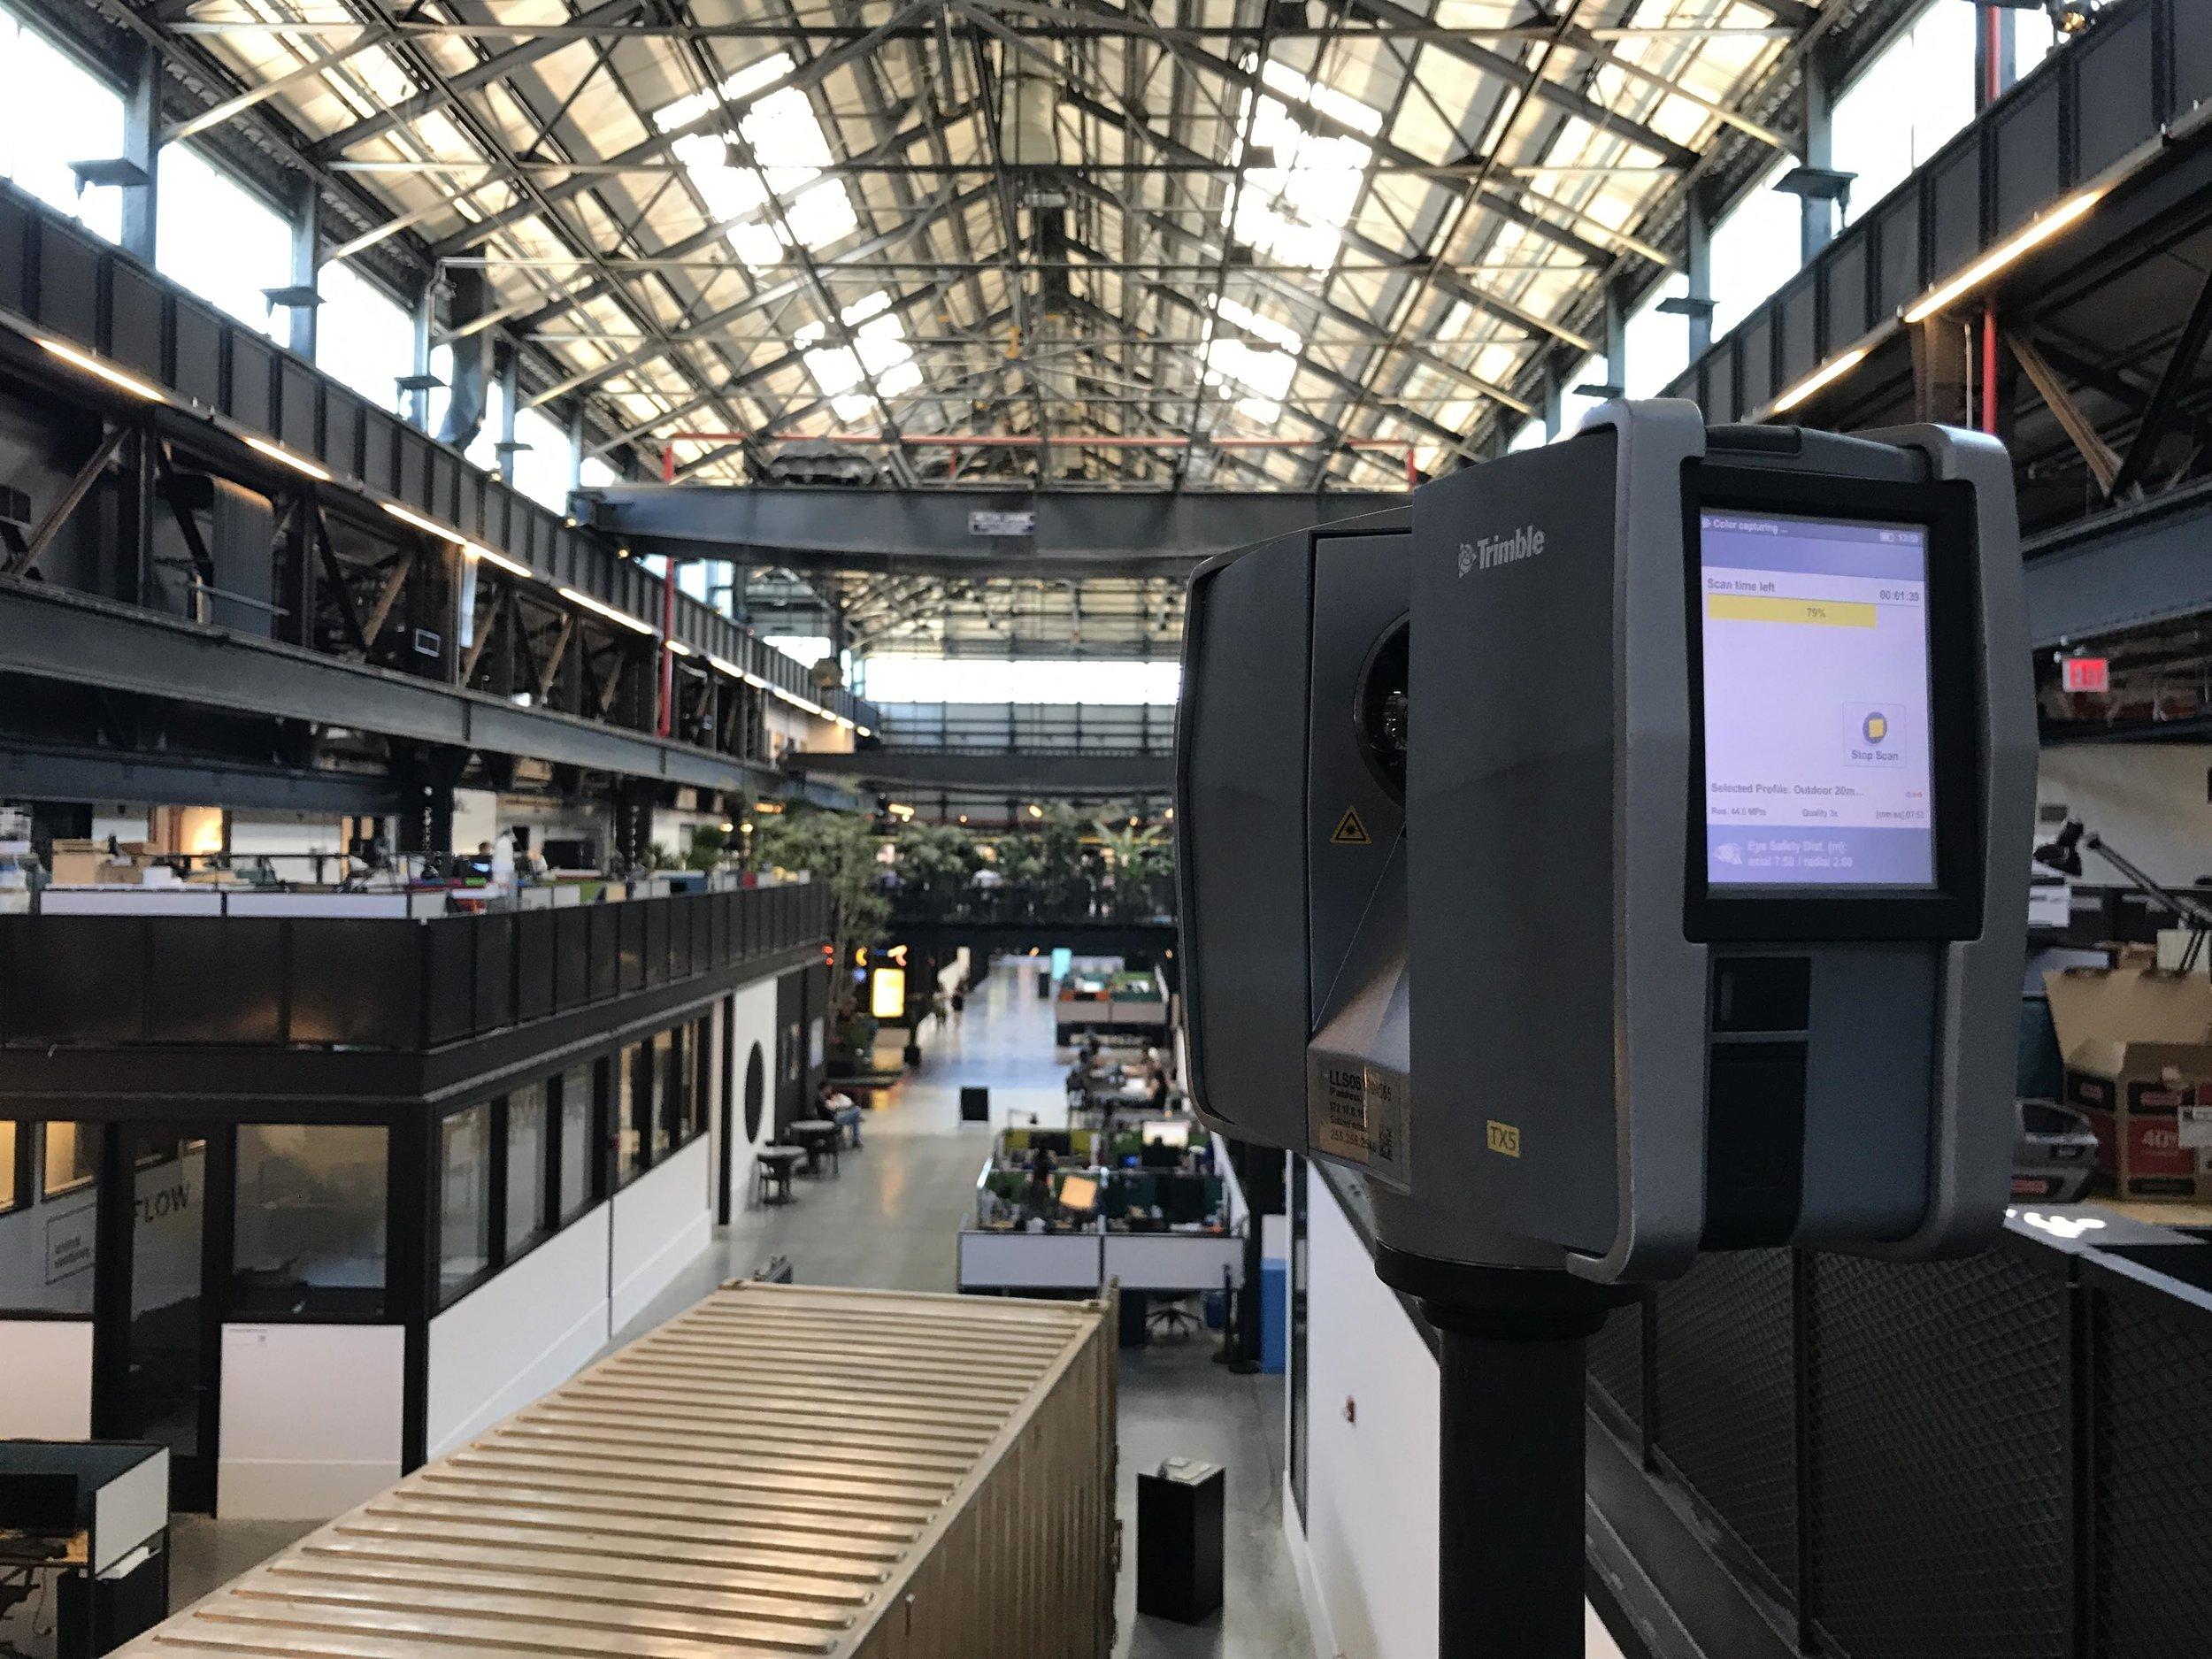 iaac-global-summer-school-digital-sensing-4-3D-laser-scanning-point-cloud-new-york.jpg